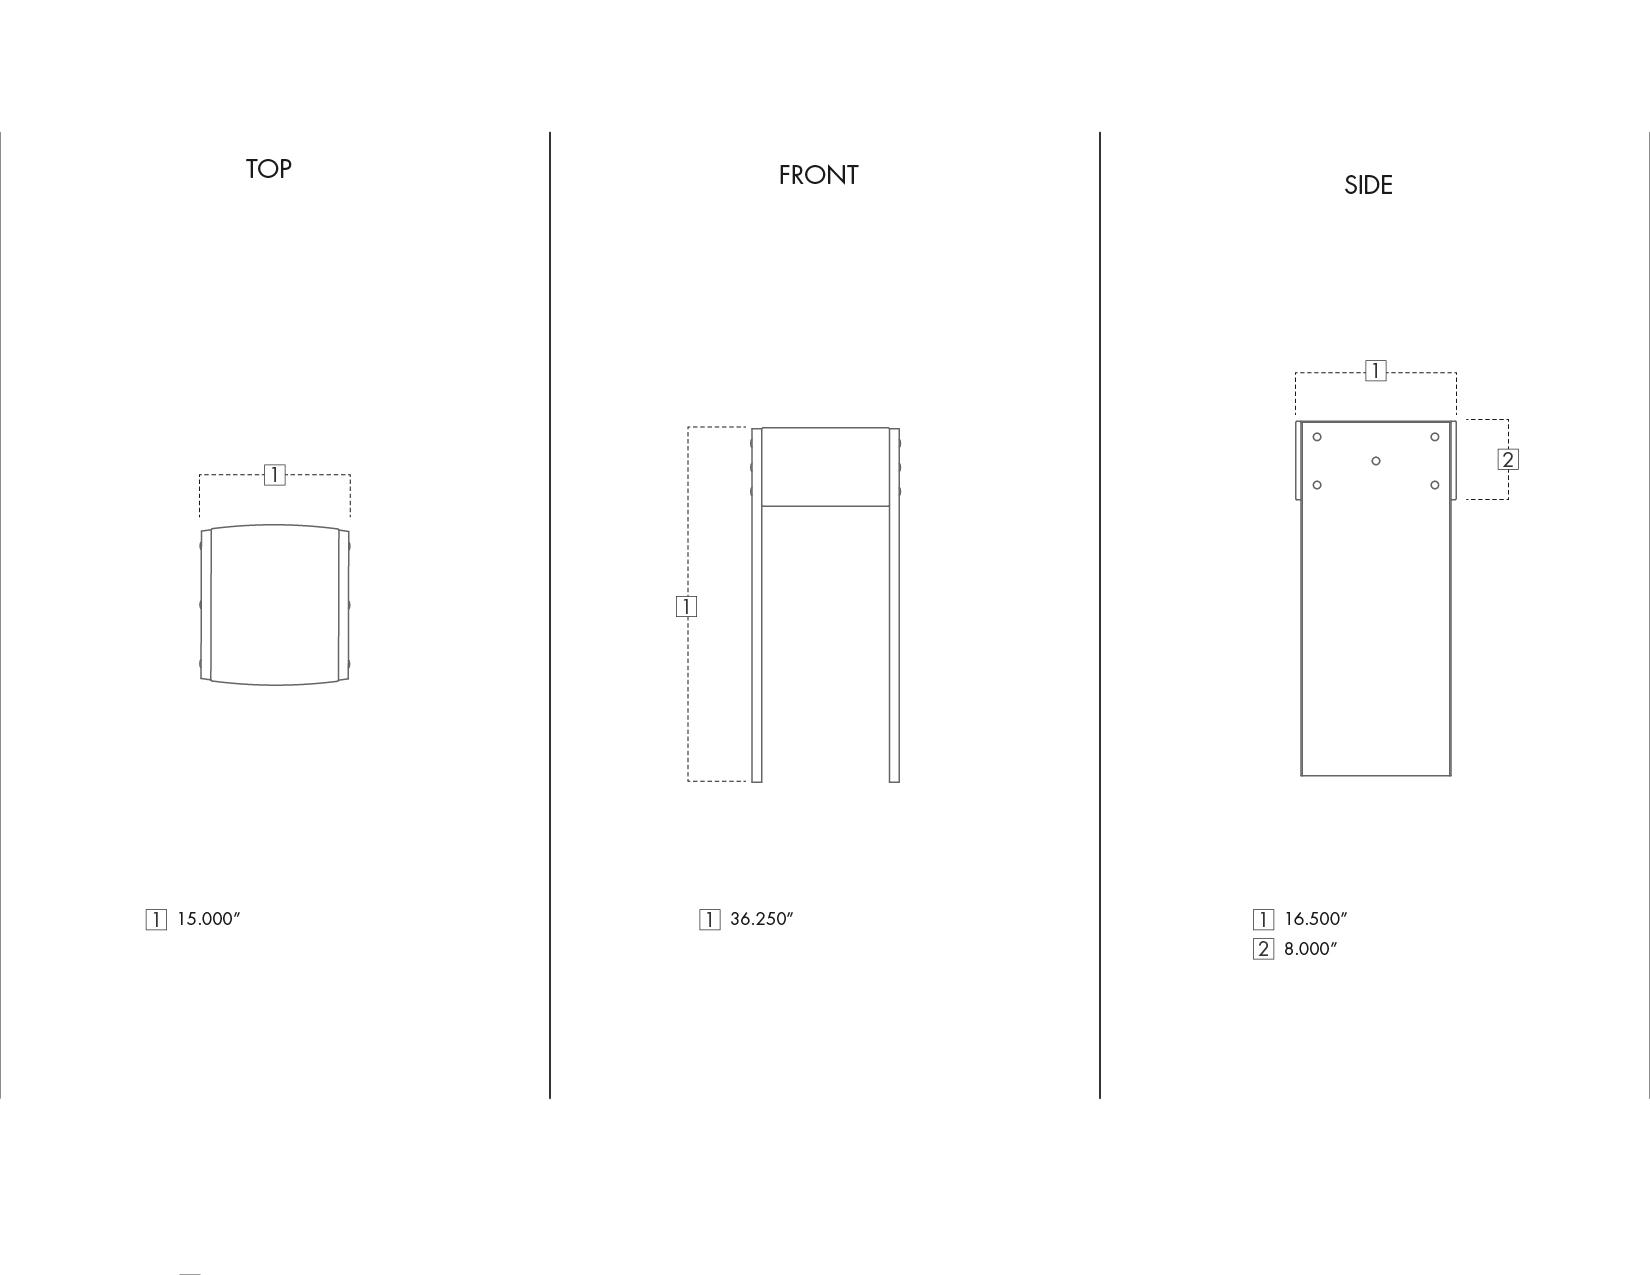 Jean display drawings-04.jpg